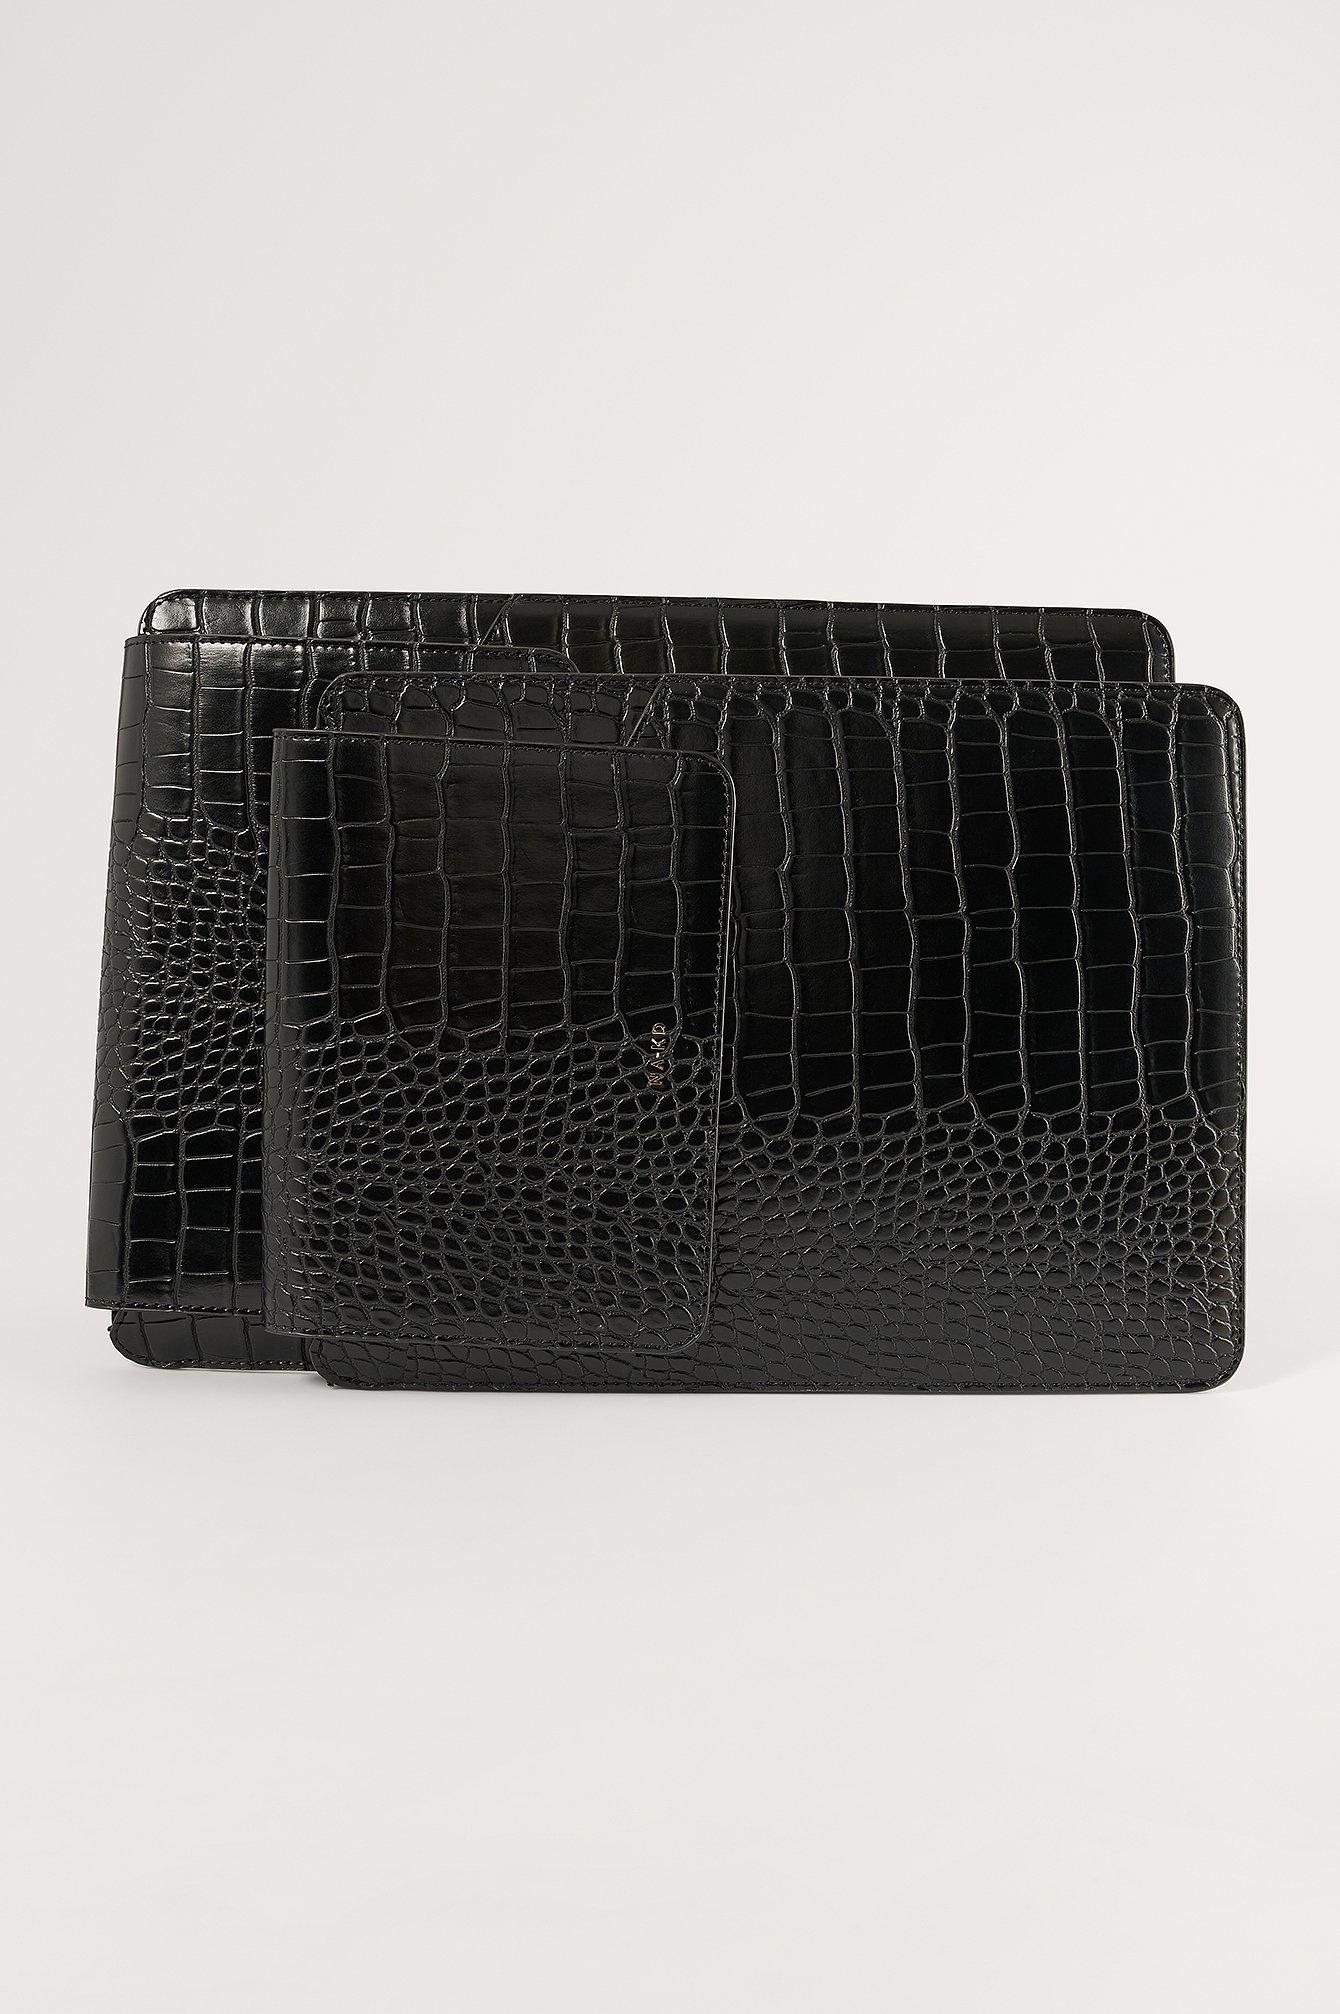 na-kd accessories -  Krokoeffekt Laptop-Tasche - Black